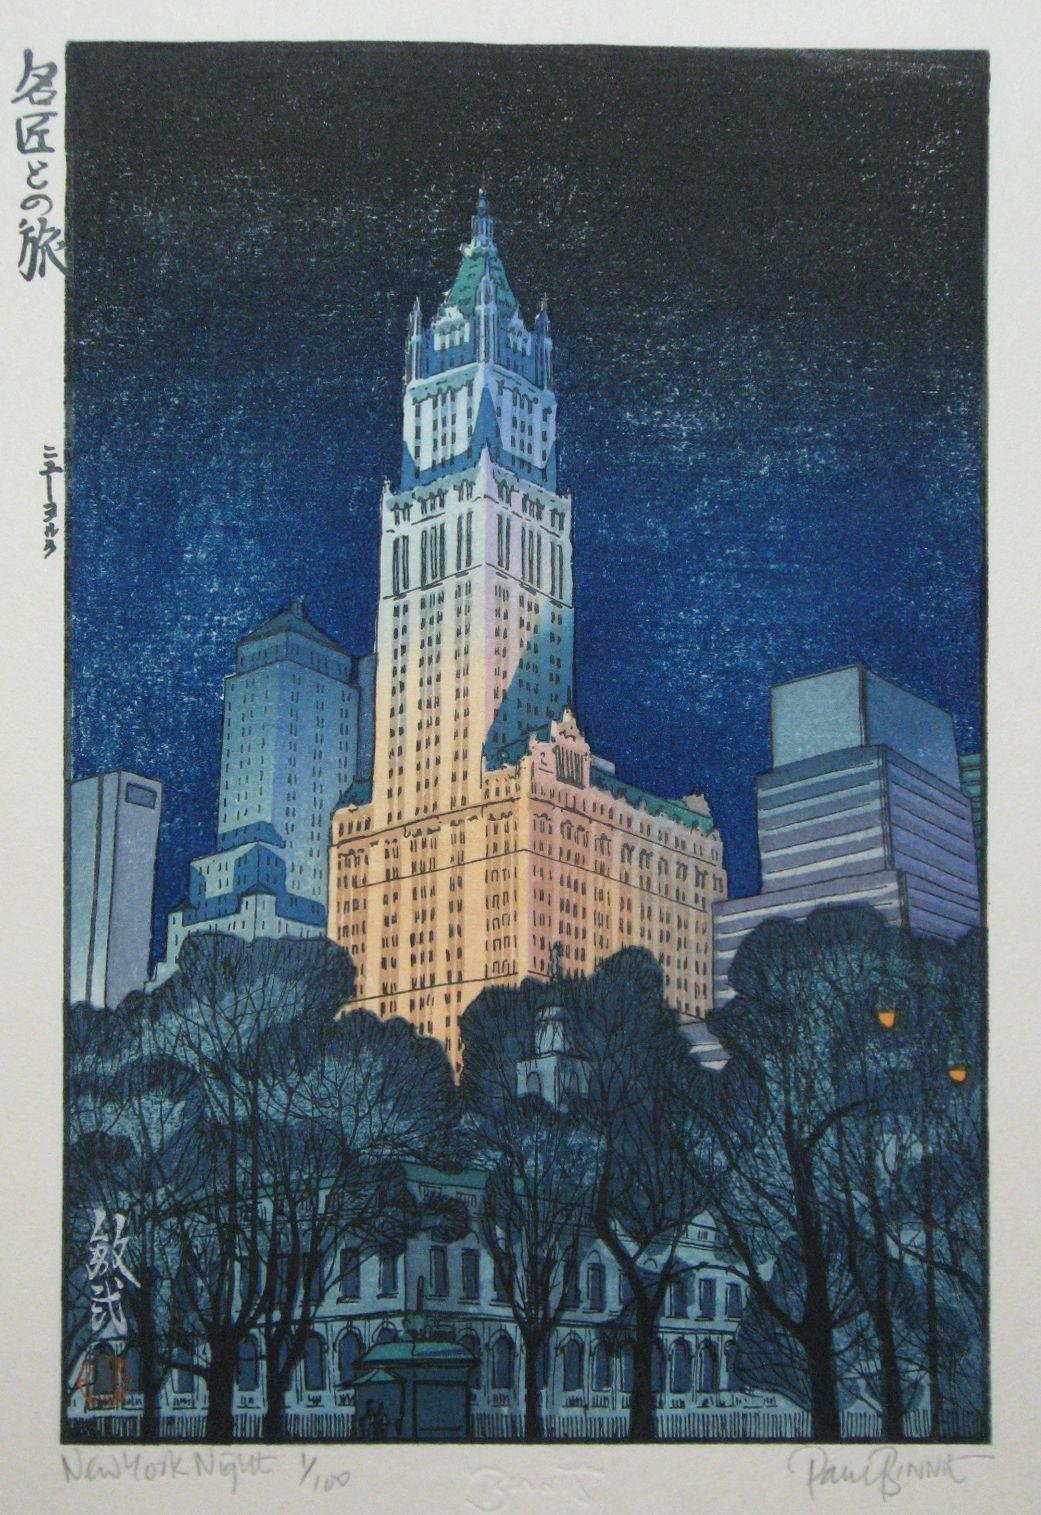 """Paul Binnie """"New York Night"""" 2008 main image"""